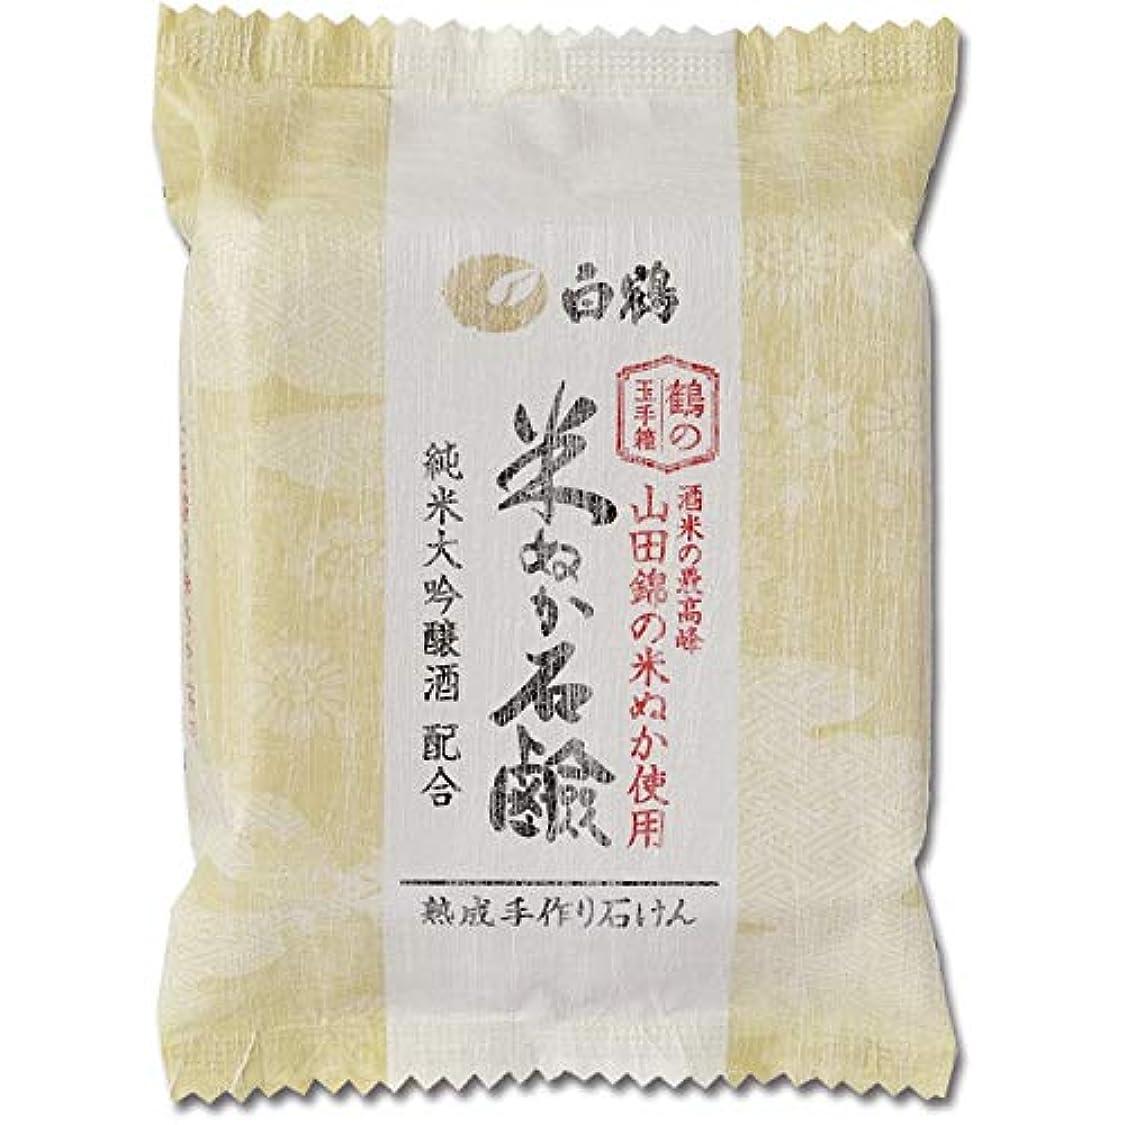 未来チケットパドル白鶴 鶴の玉手箱 米ぬか石けん 100g (全身用石鹸)